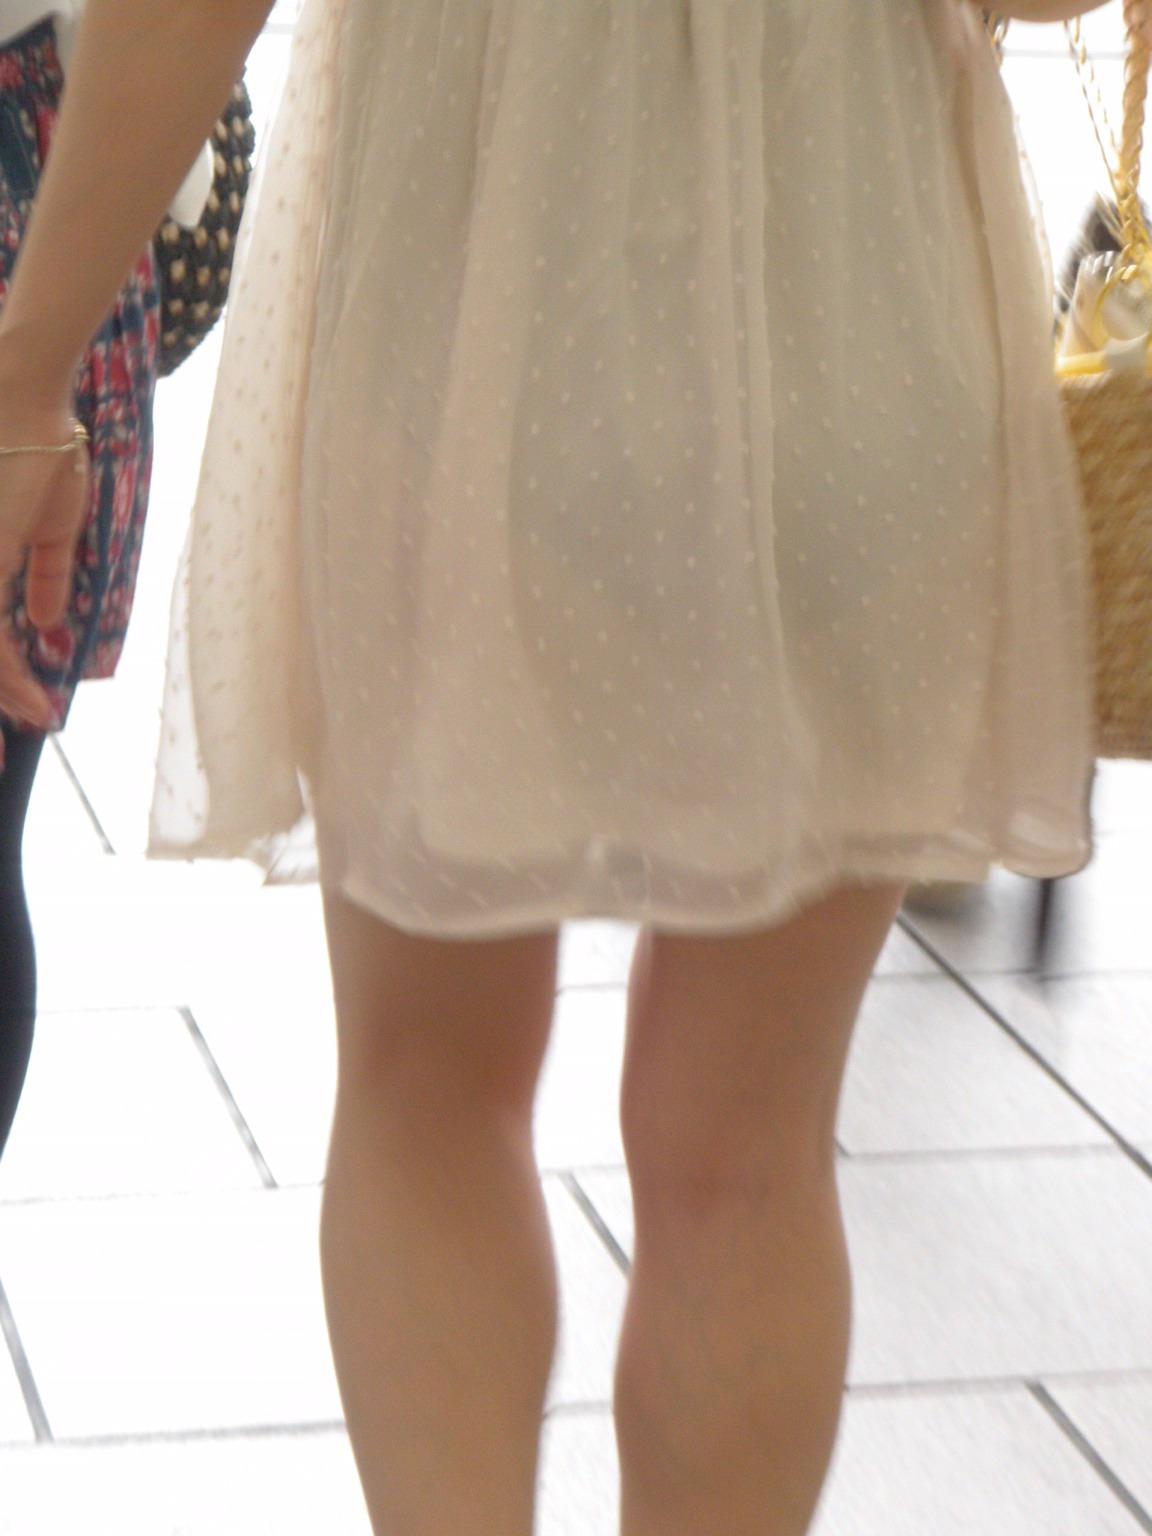 履かなくてもいいんじゃないってくらい透け透けなパンツ丸見え写真